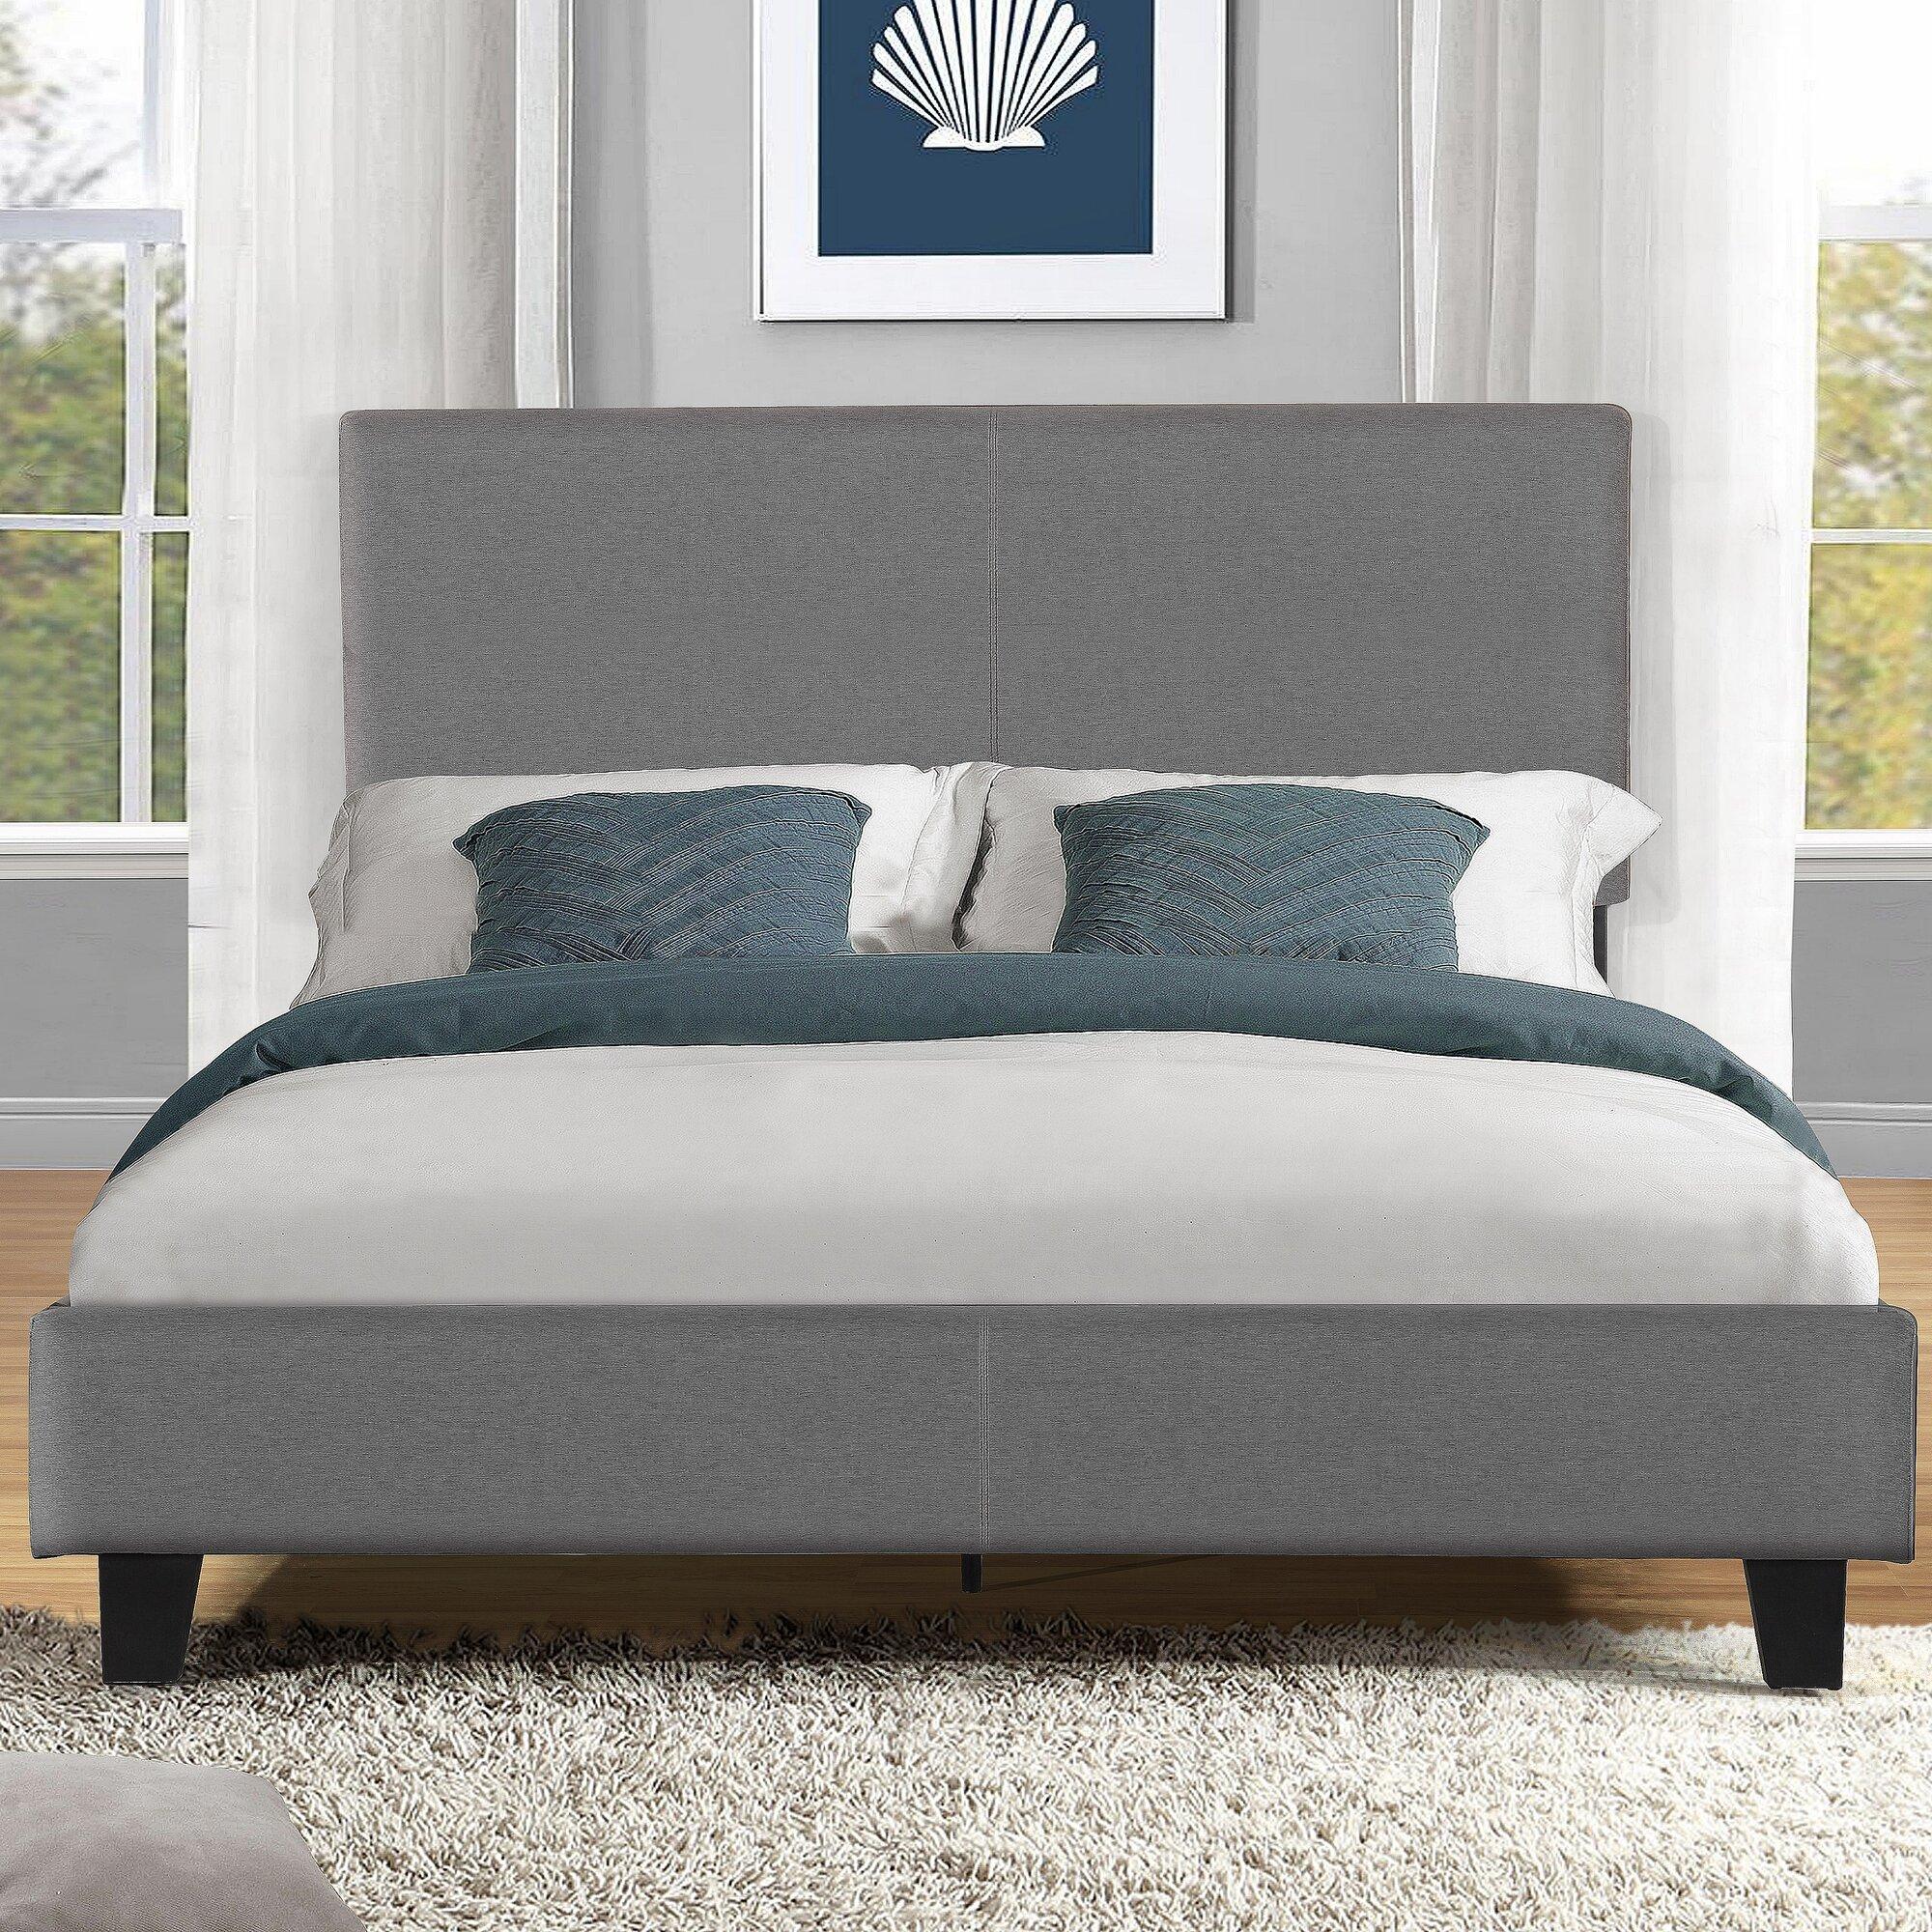 Room and board platform bed - Platform Bed